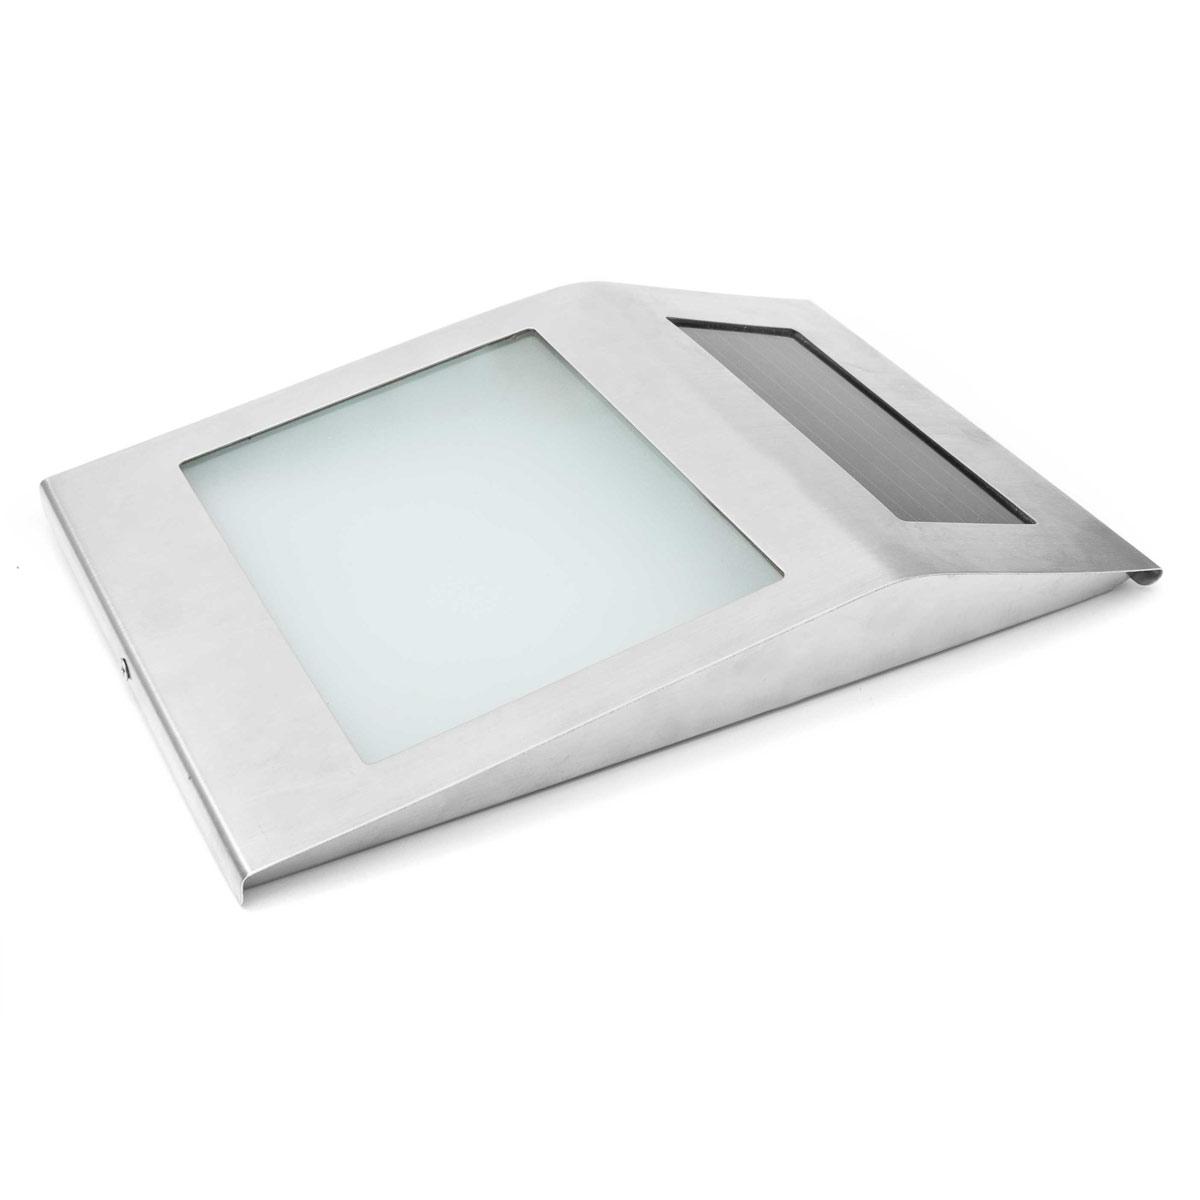 solar hausnummer mit led beleuchtung. Black Bedroom Furniture Sets. Home Design Ideas